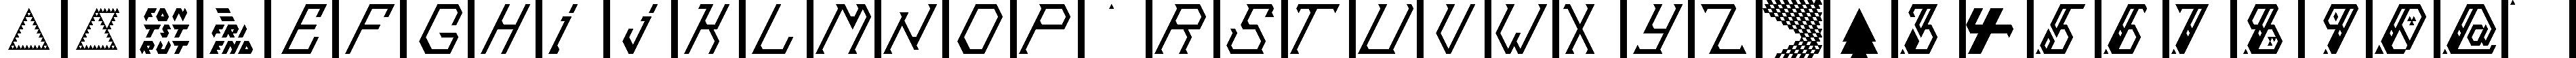 Particip-a-type v.323